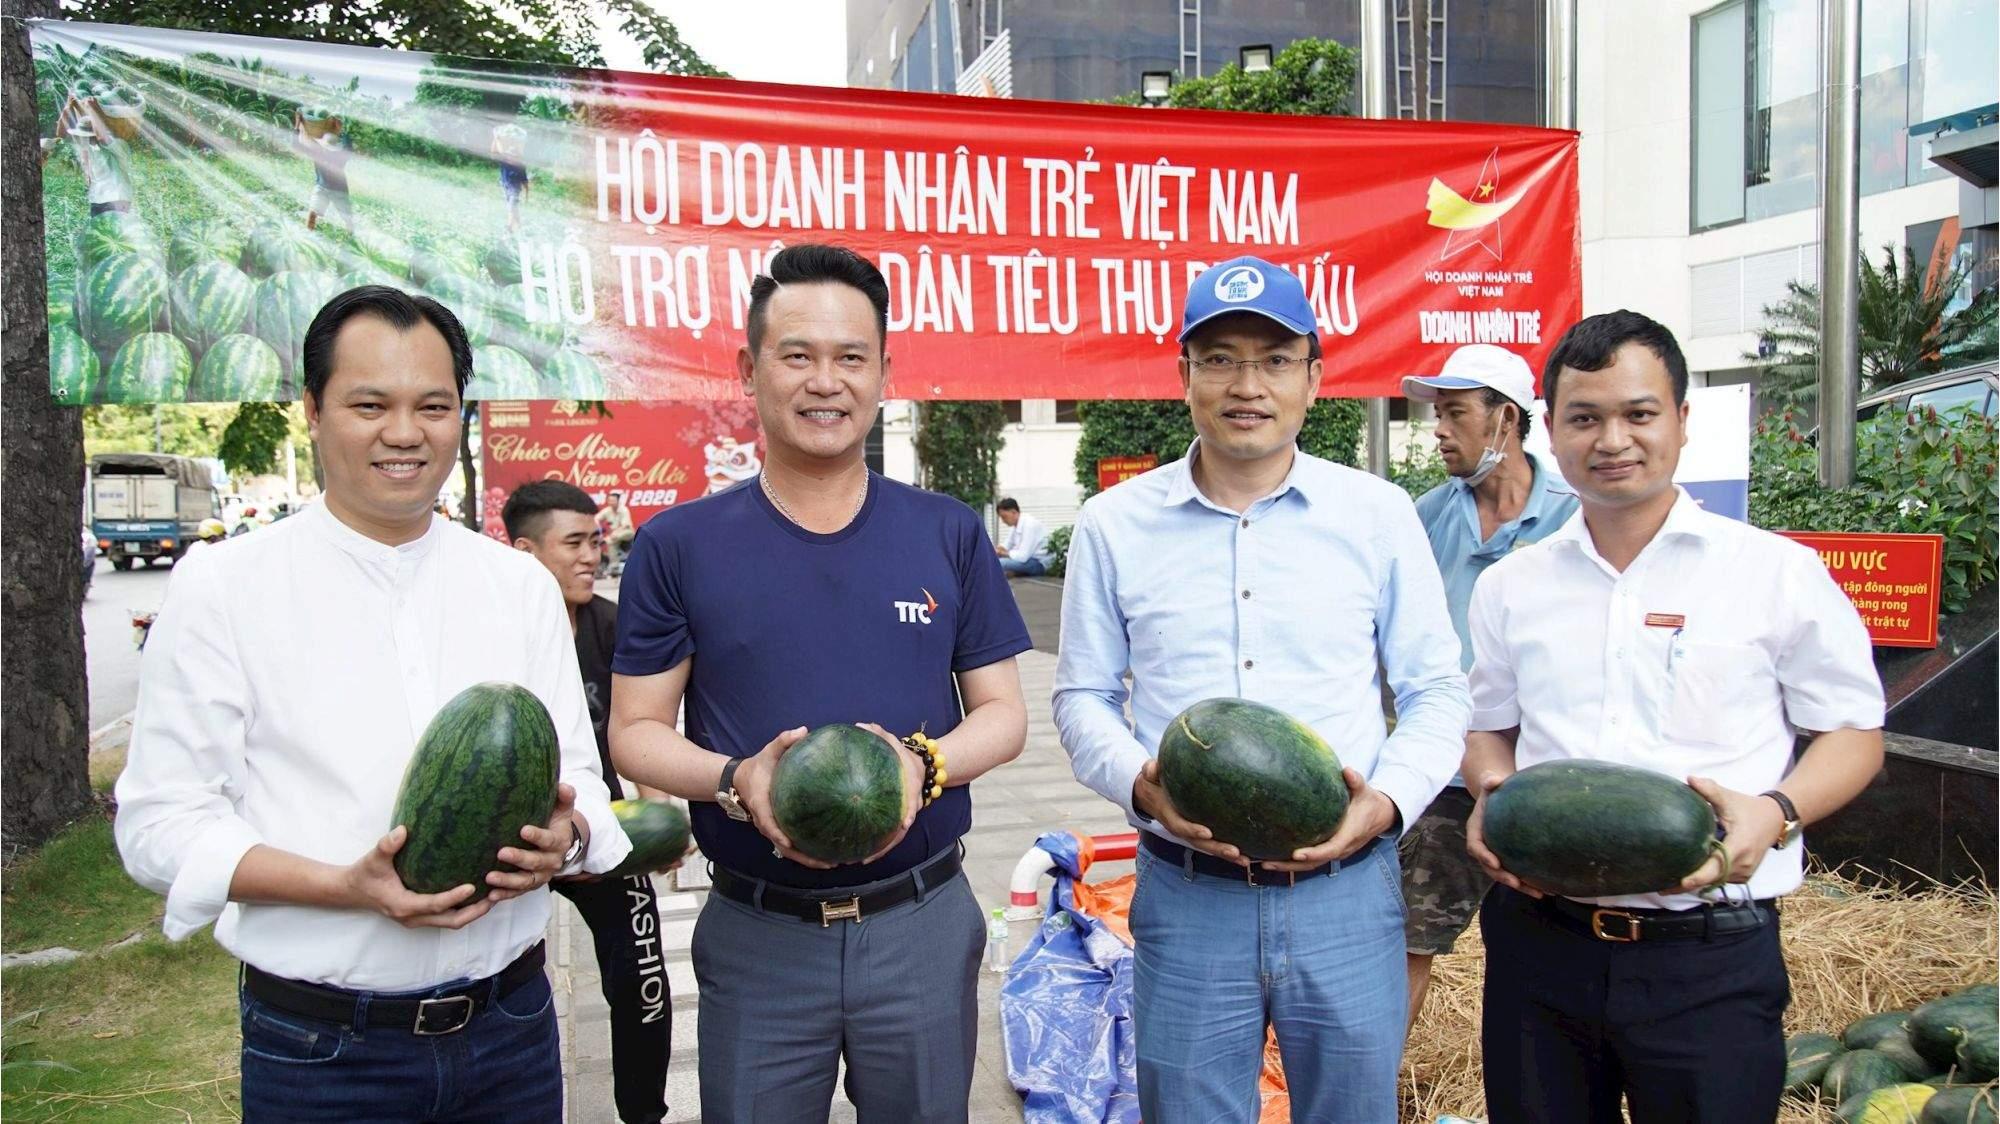 Hội doanh nhân trẻ Việt Nam và Cán bộ nhân viên TTC hỗ trợ tiêu thụ nông sản